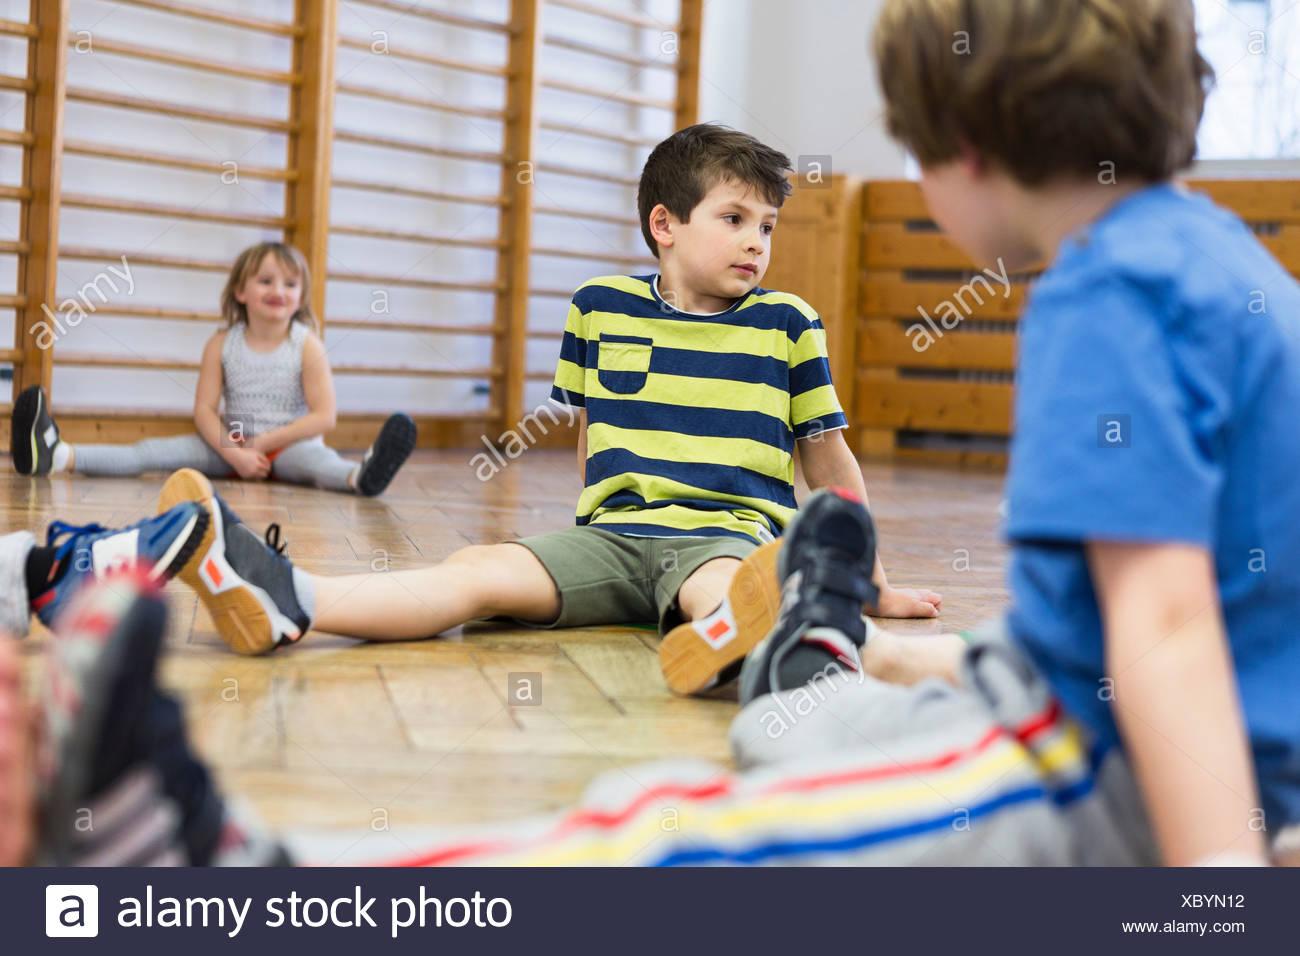 Los niños sentados en el piso de madera, las piernas Imagen De Stock